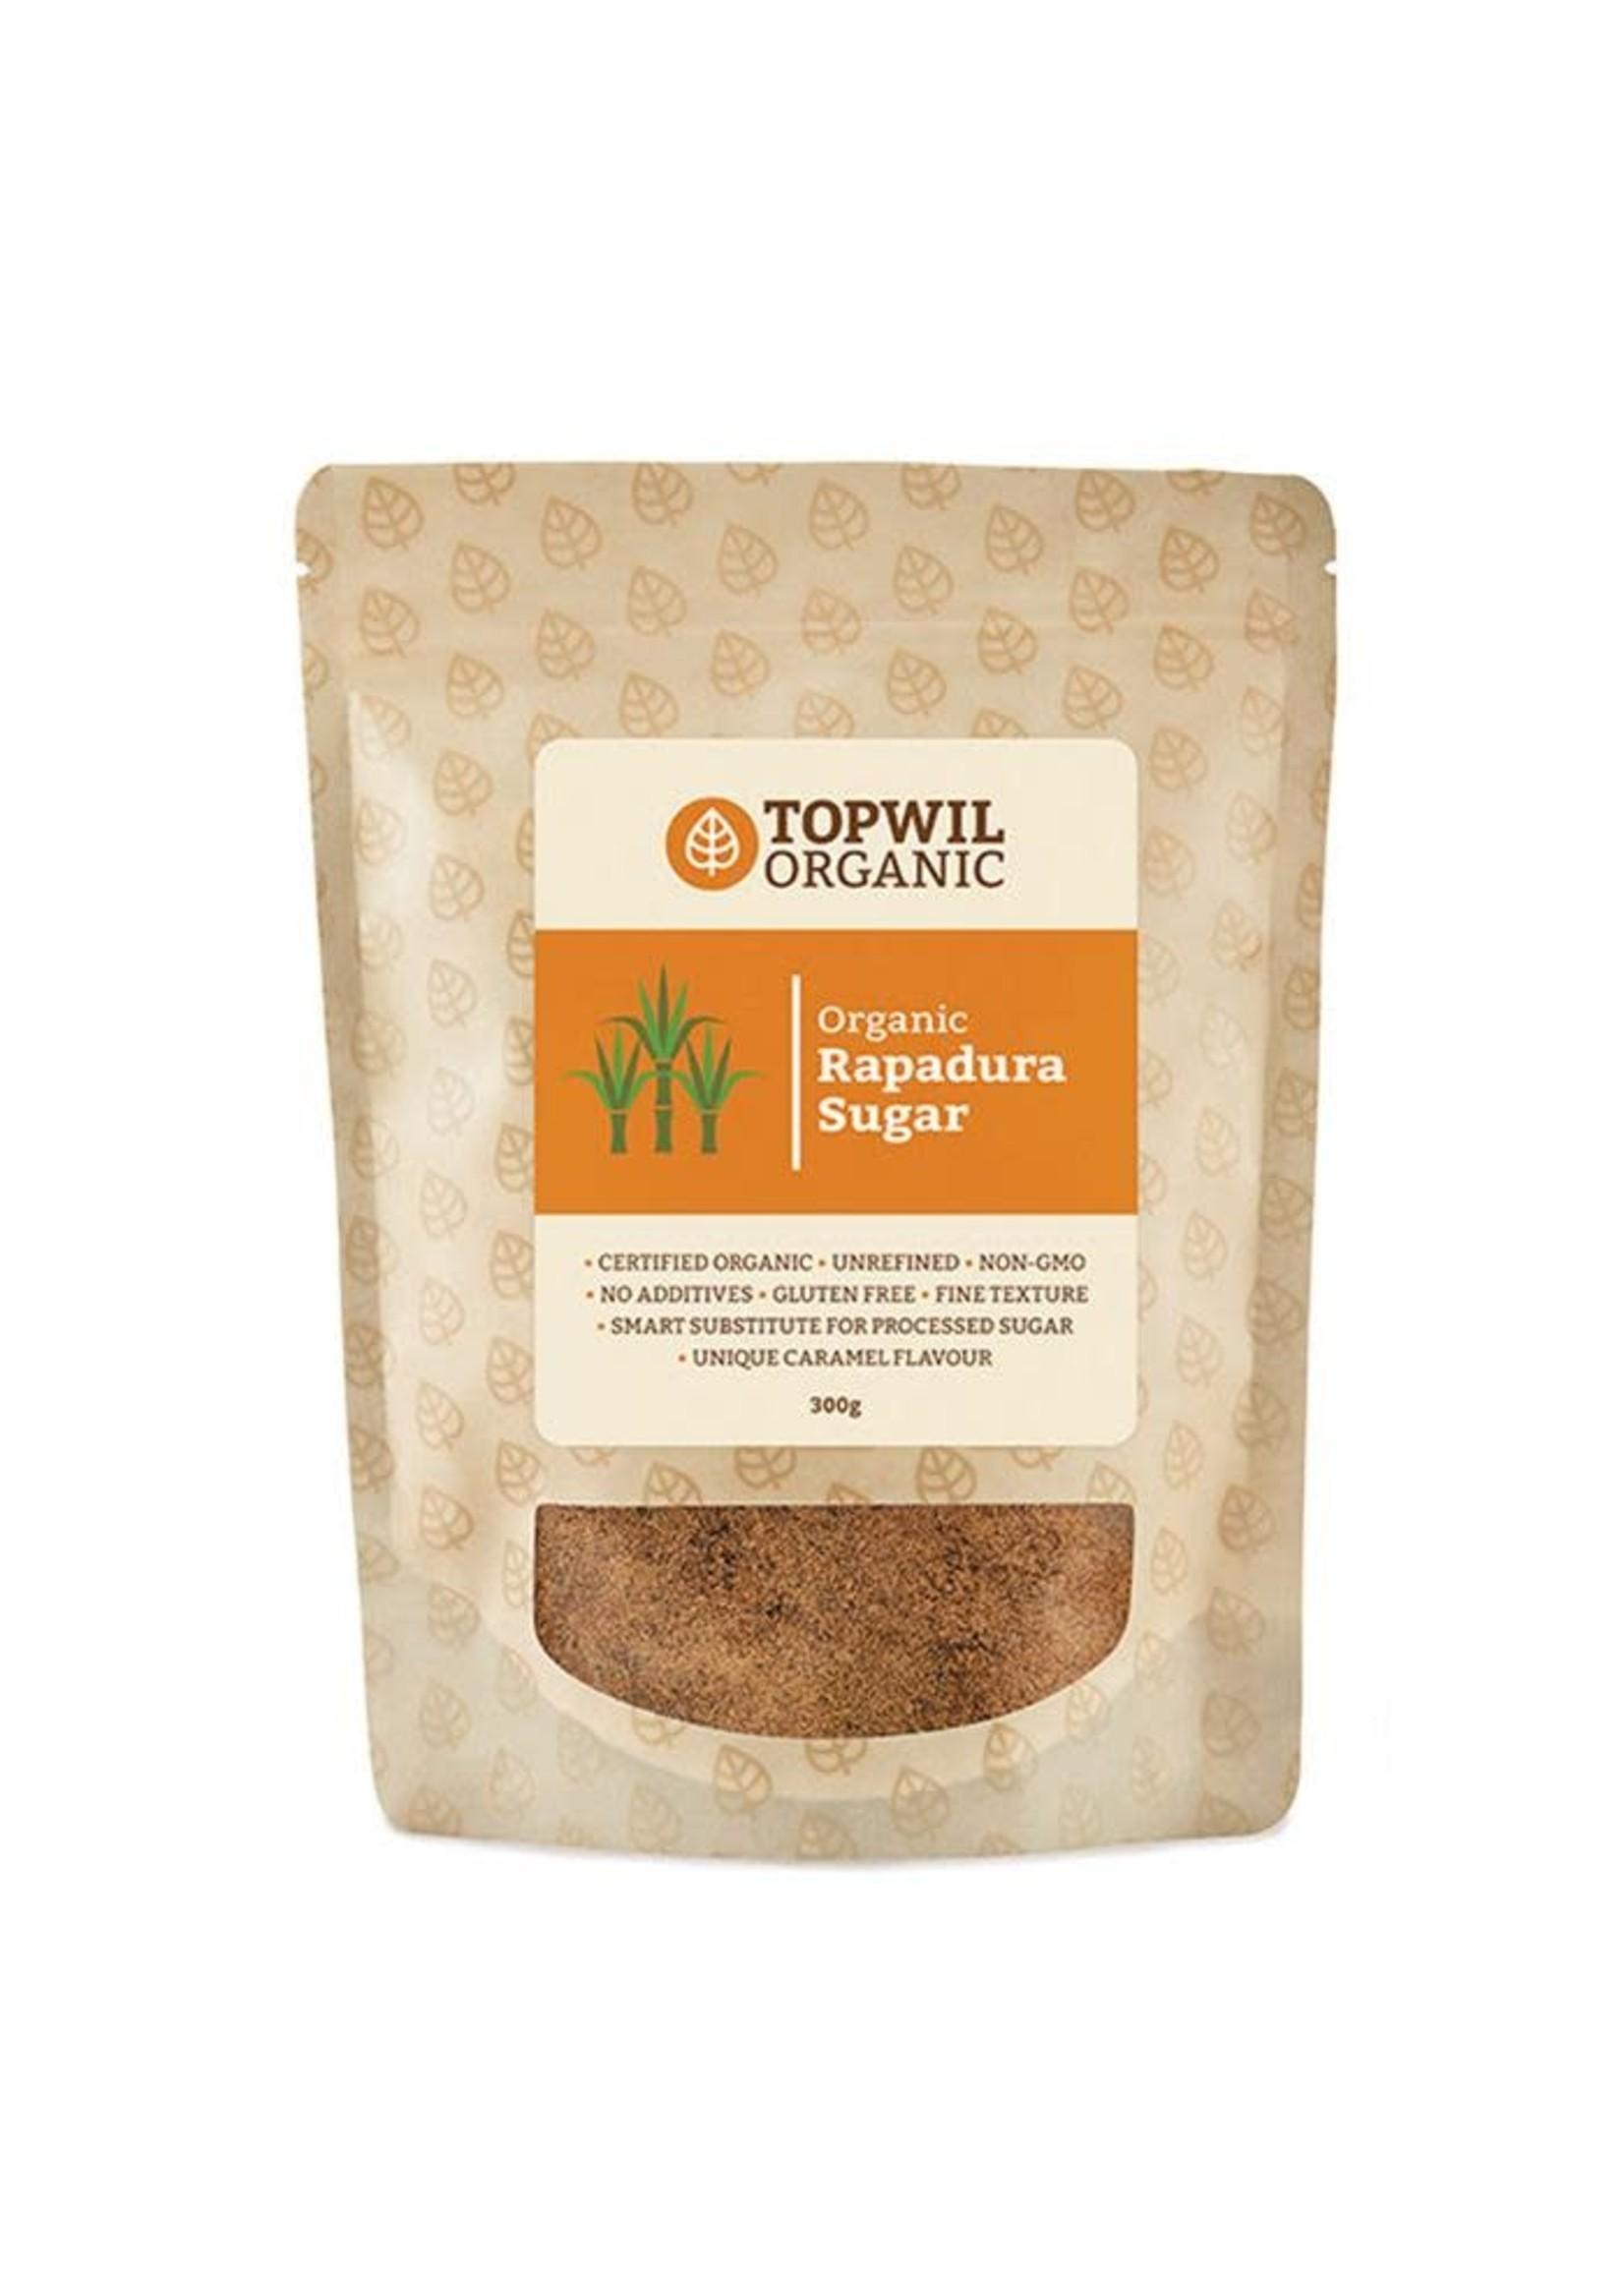 Topwil Topwil Organic Rapadure Sugar 300g